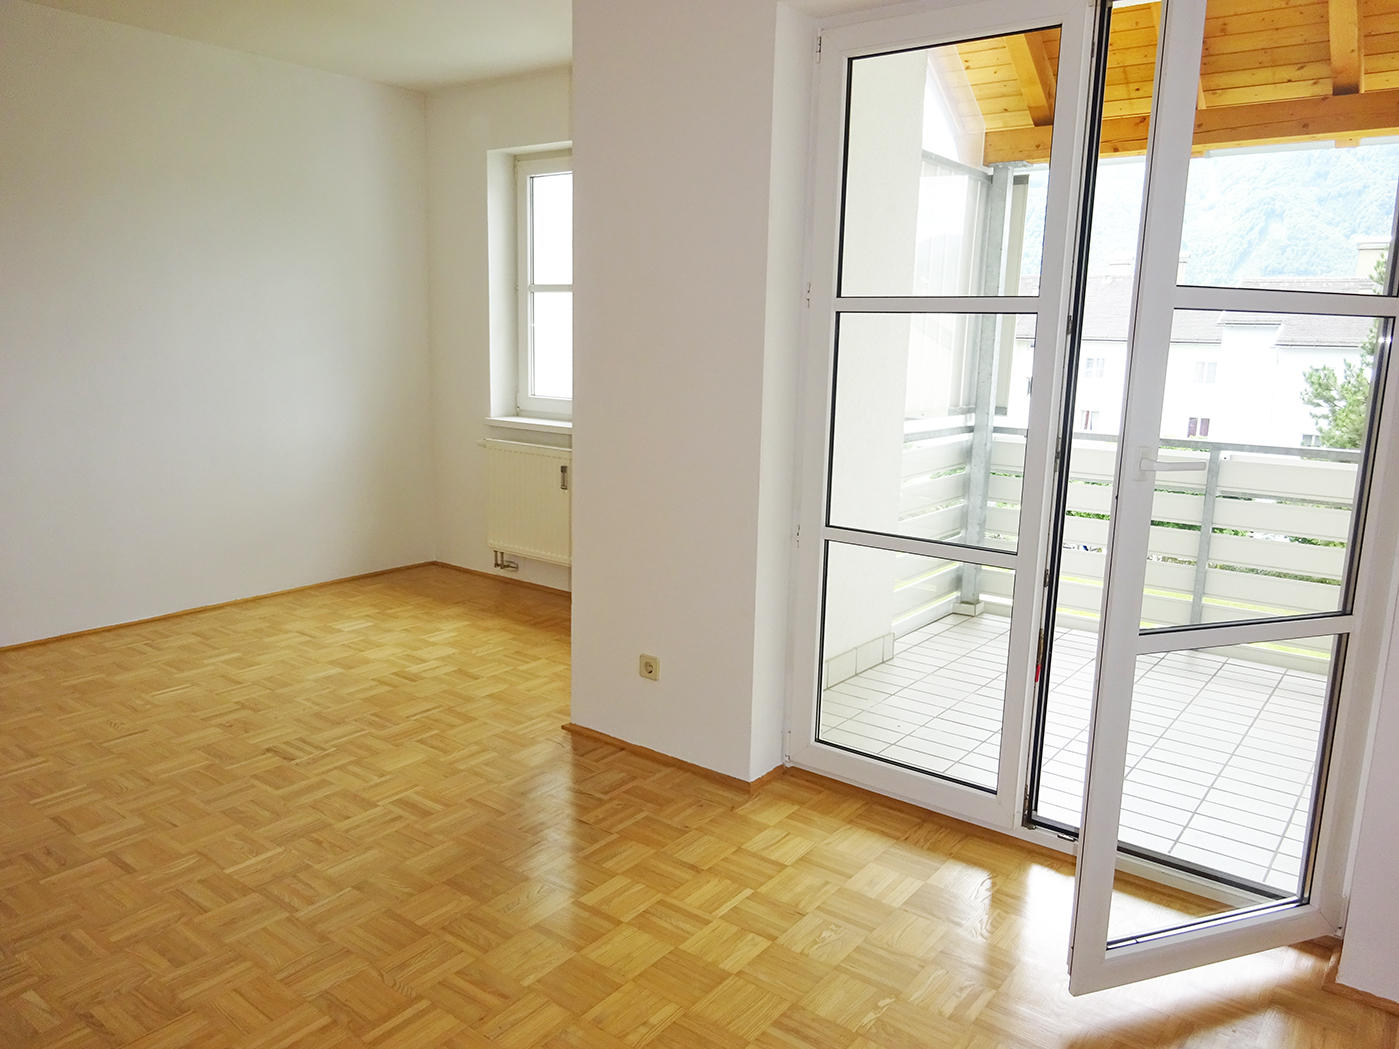 Immobilie von Lebensräume in 4563 Micheldorf, Hans-Brudl-Straße #1